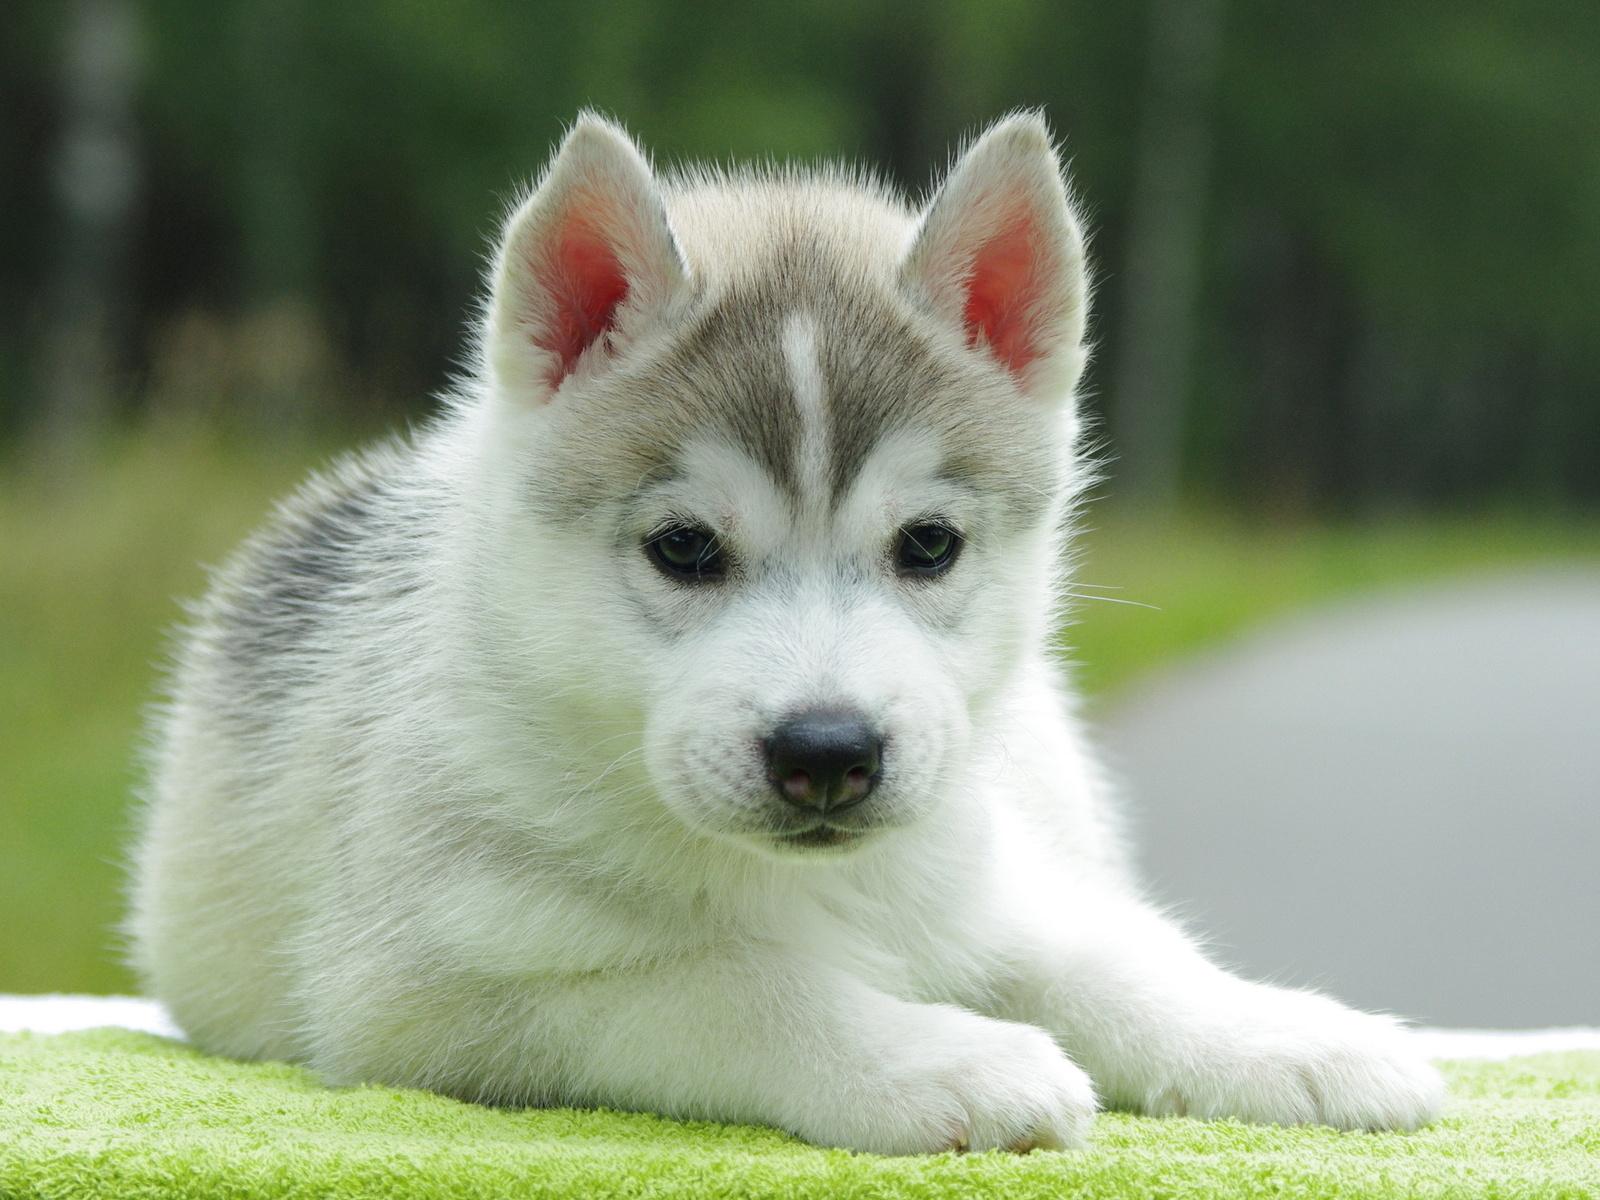 http://3.bp.blogspot.com/-gjQzCAlRxoE/US4ikGr9qmI/AAAAAAAADq0/mENxnJNJTmo/s1600/fotos-de-perros-cachorro-acostado-sobre-una-alfombra-verde.jpg